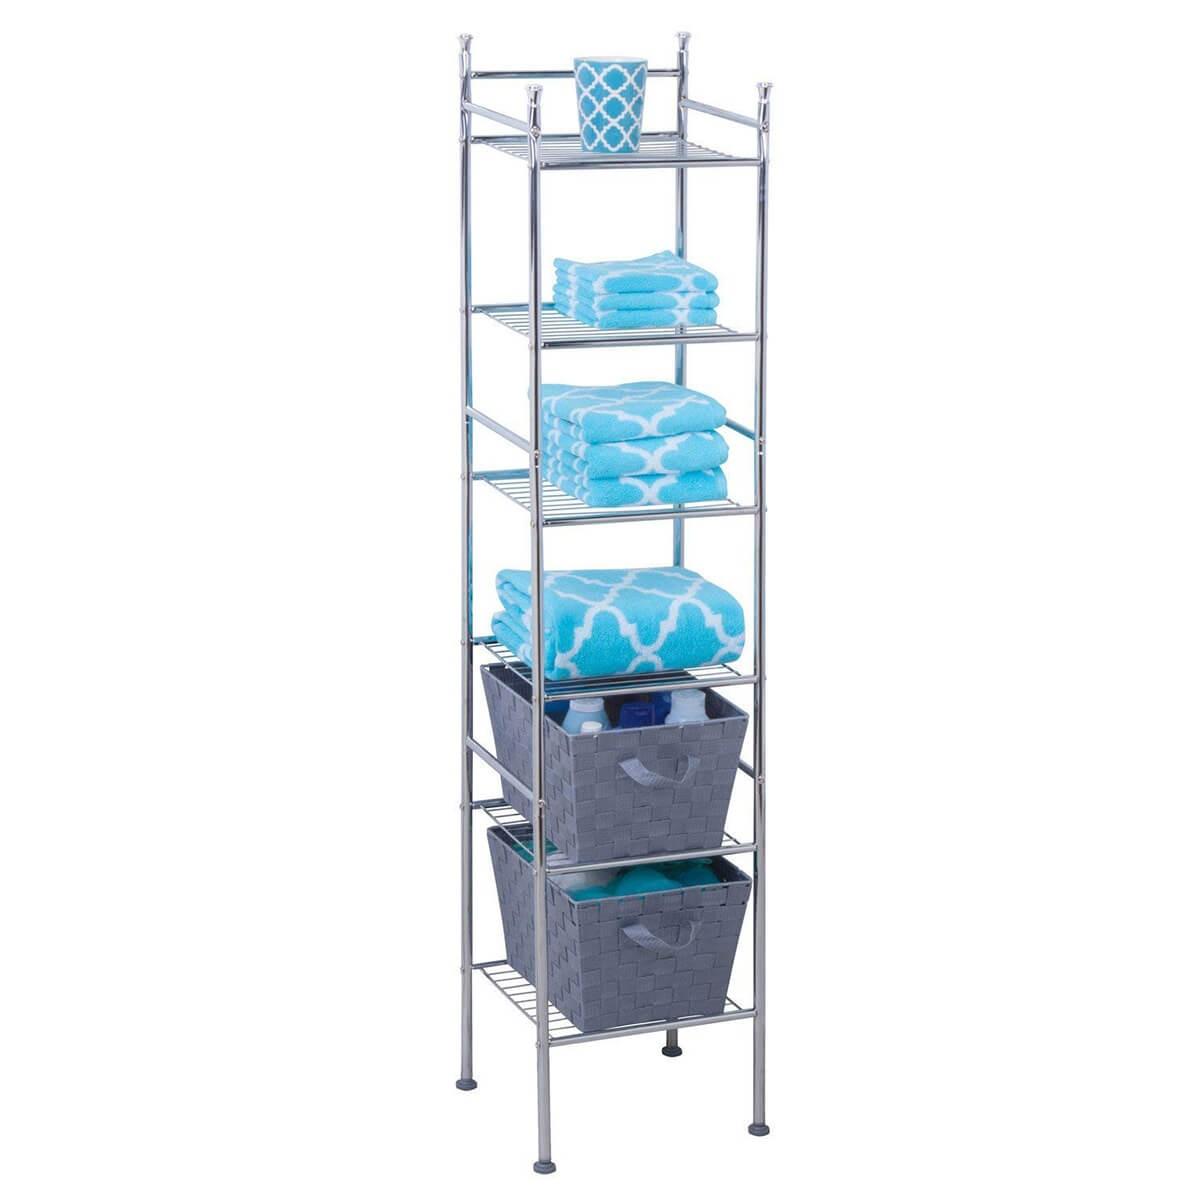 منظمات الحمام- الأرفف بالقوائم المعدنية